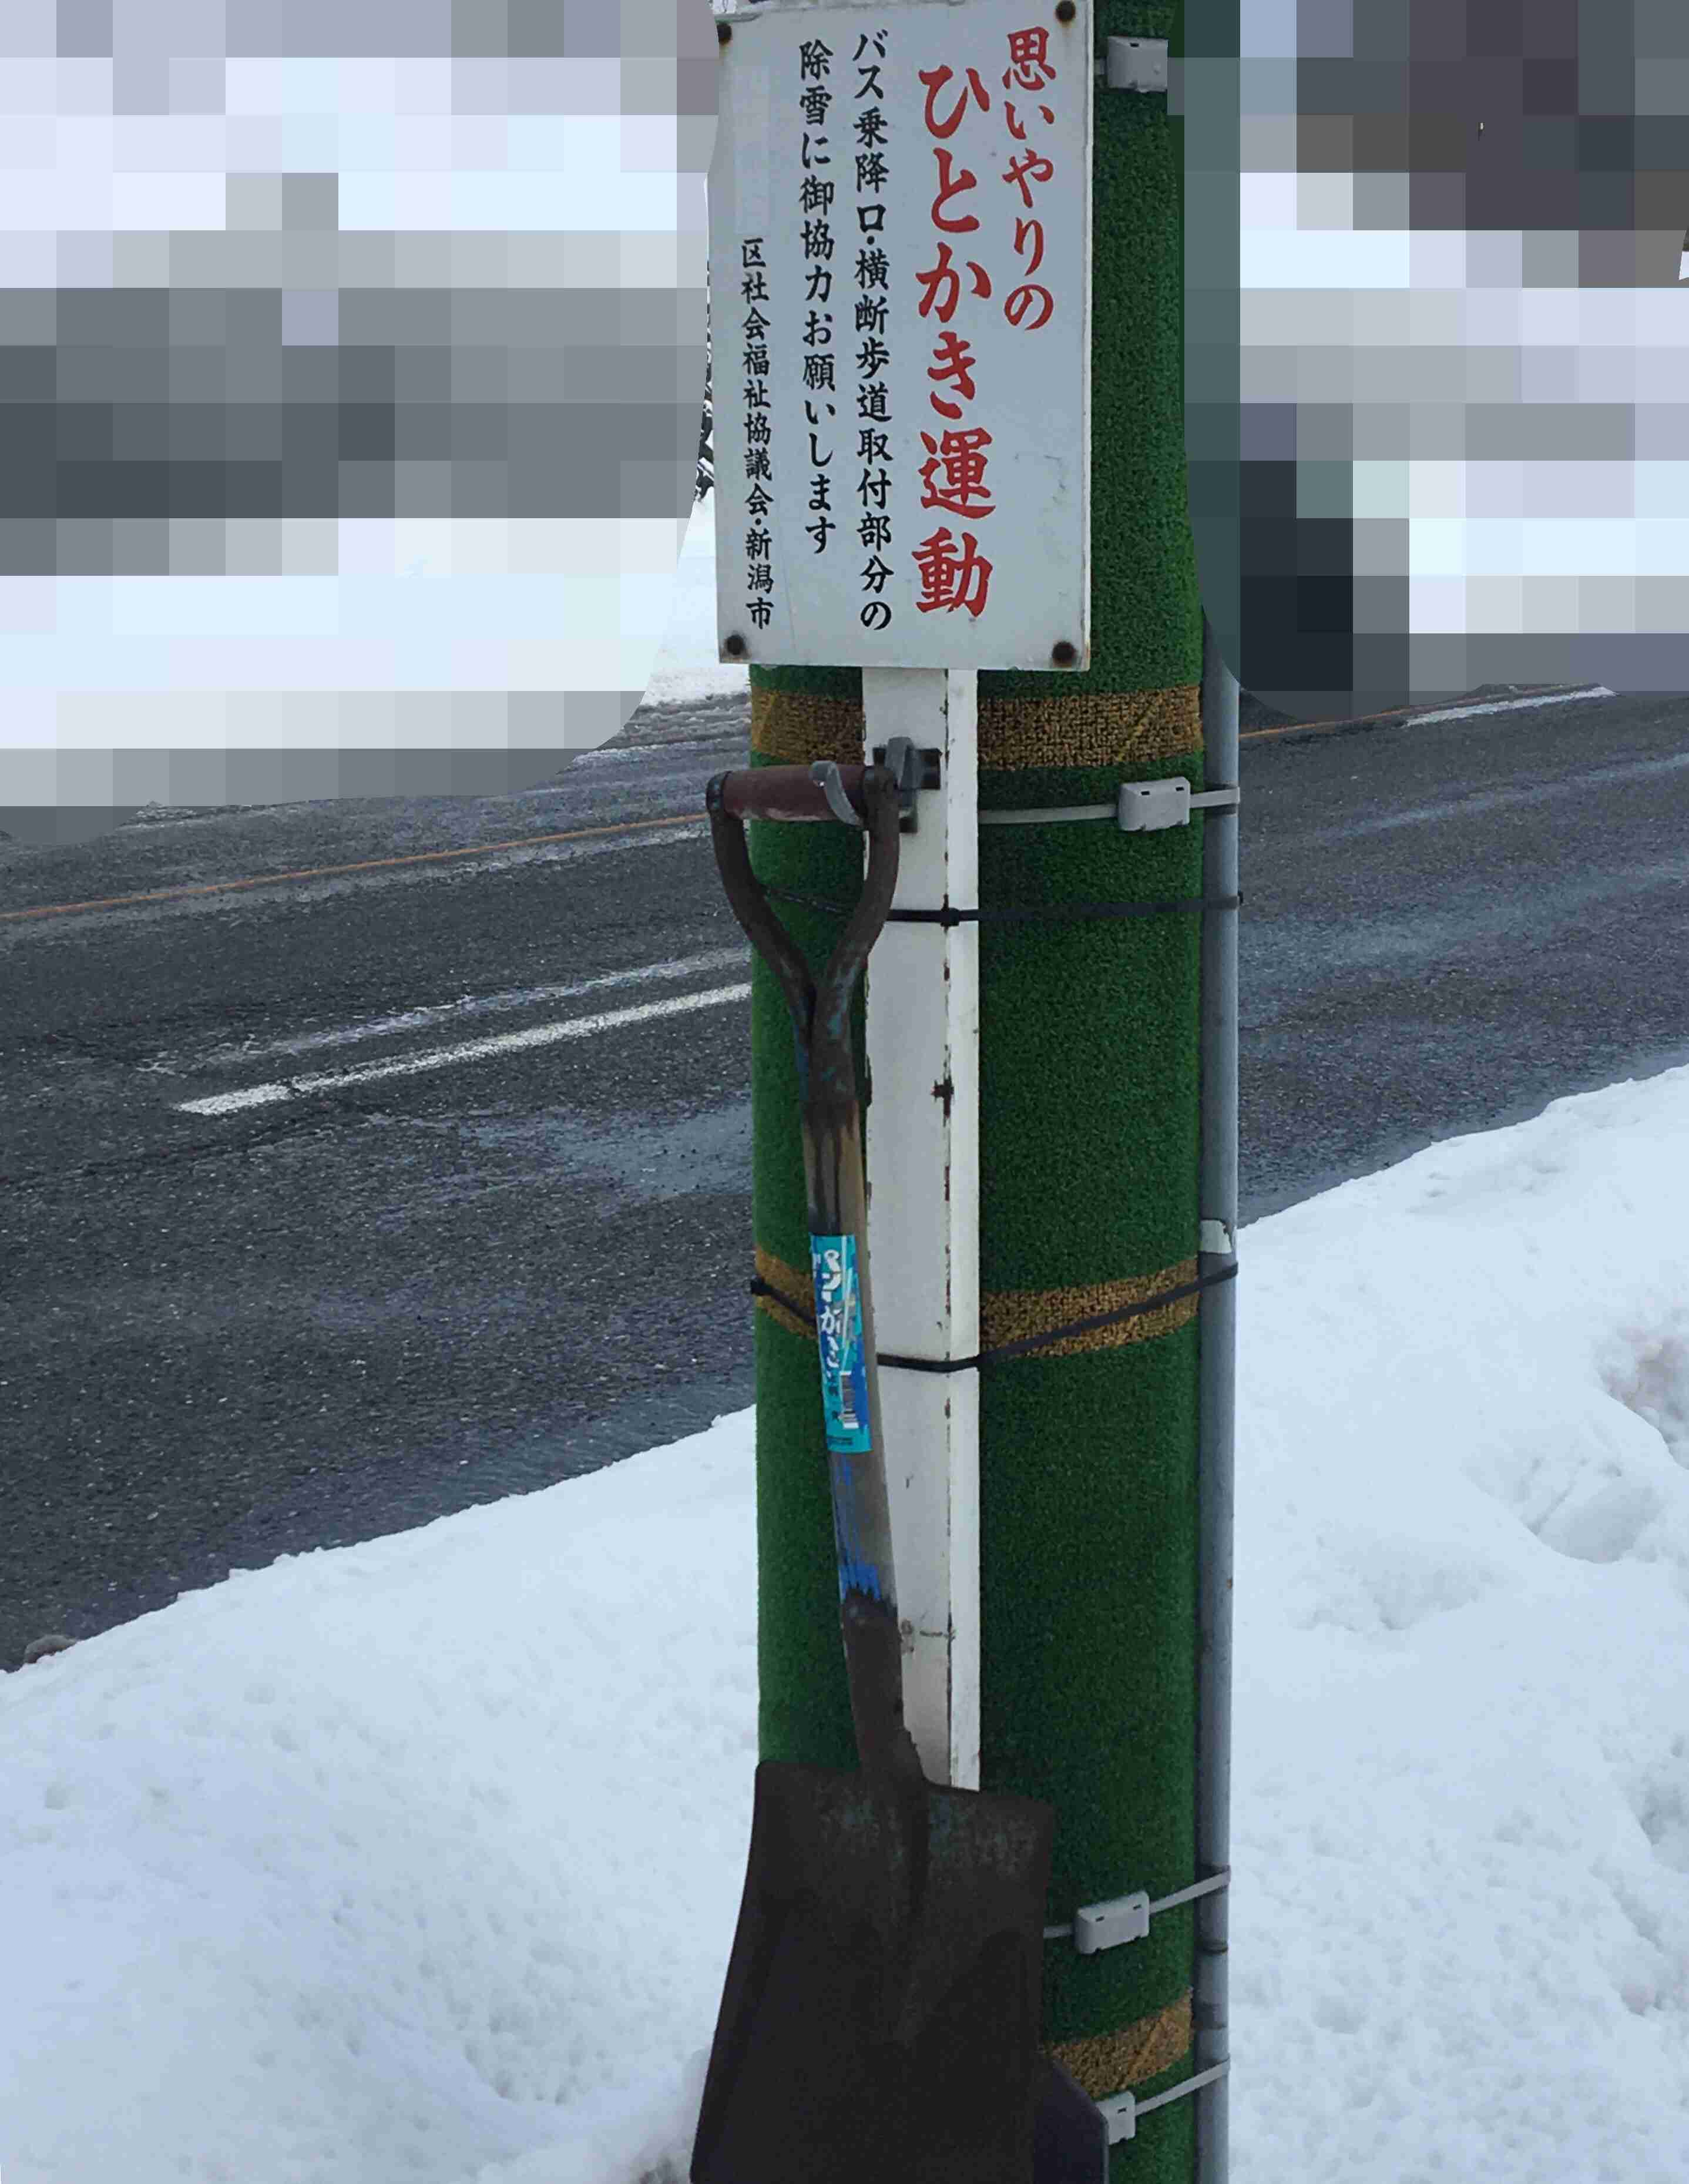 【現況】大雪に見舞われてる地域の皆さん、現況はどうですか?